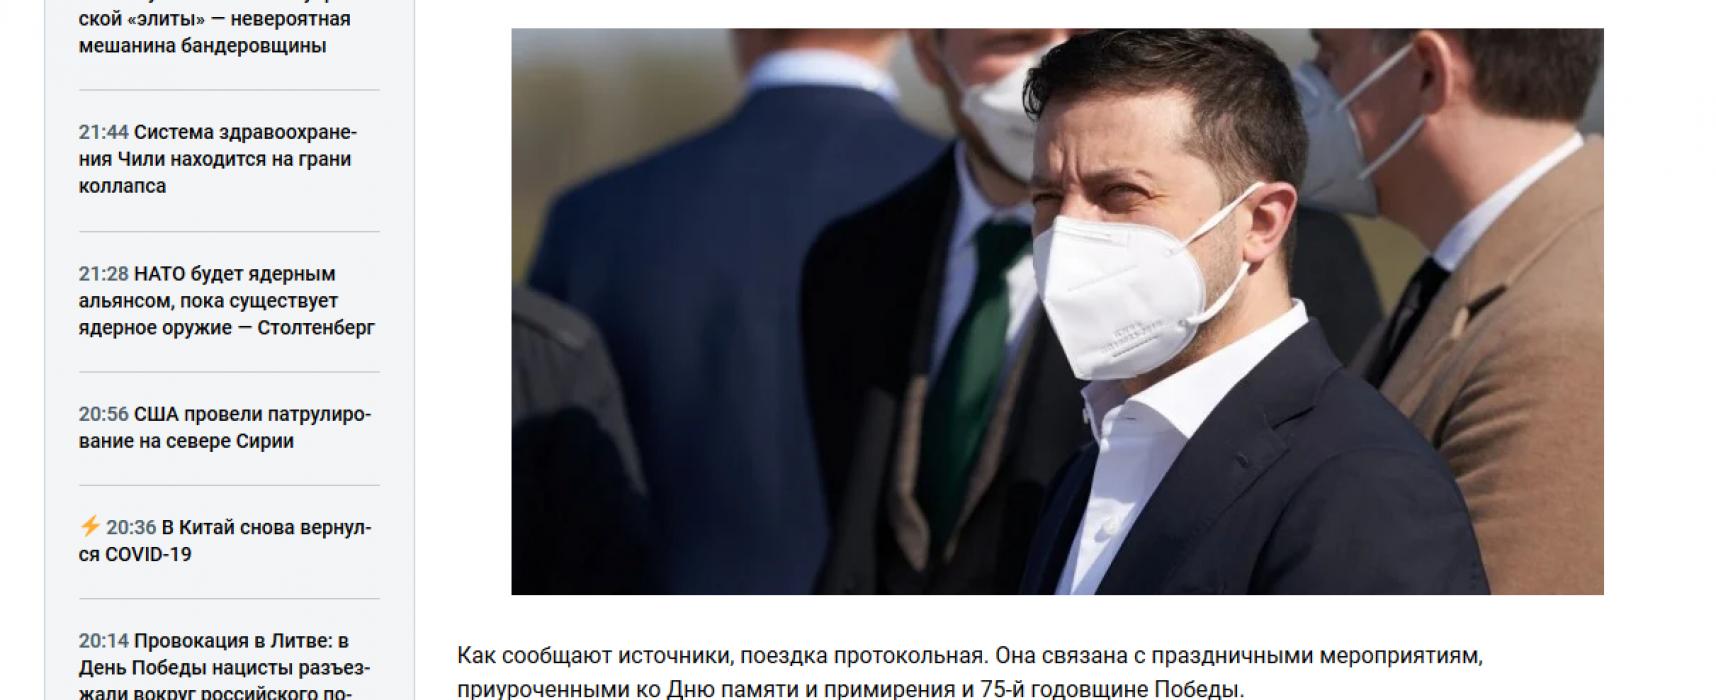 Маніпуляція: Зеленський приїхав на окуповану частину ЛНР